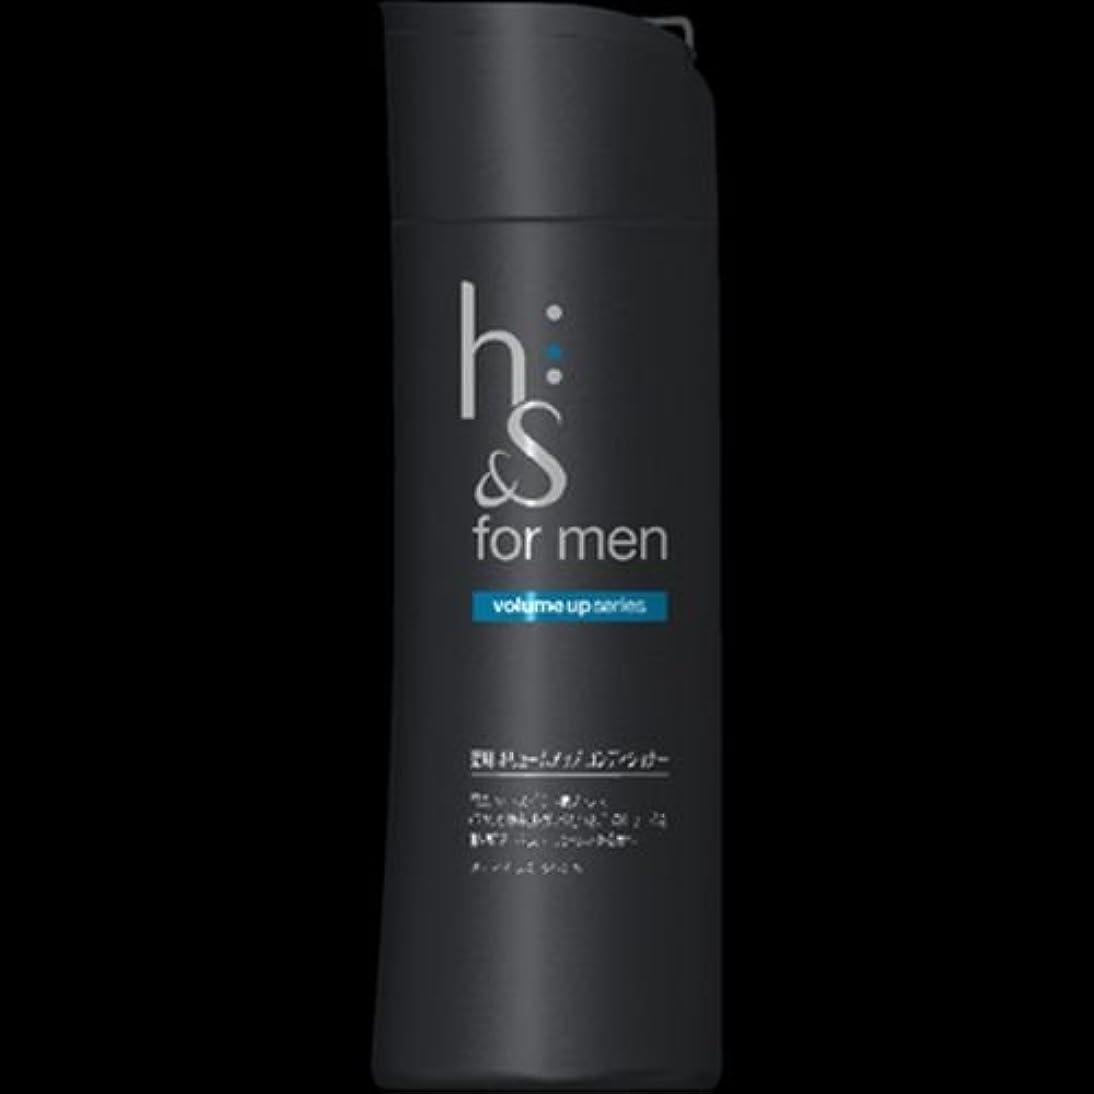 オペレーター全体にペック【まとめ買い】h&s for men ボリュームアップコンディショナー 200g ×2セット